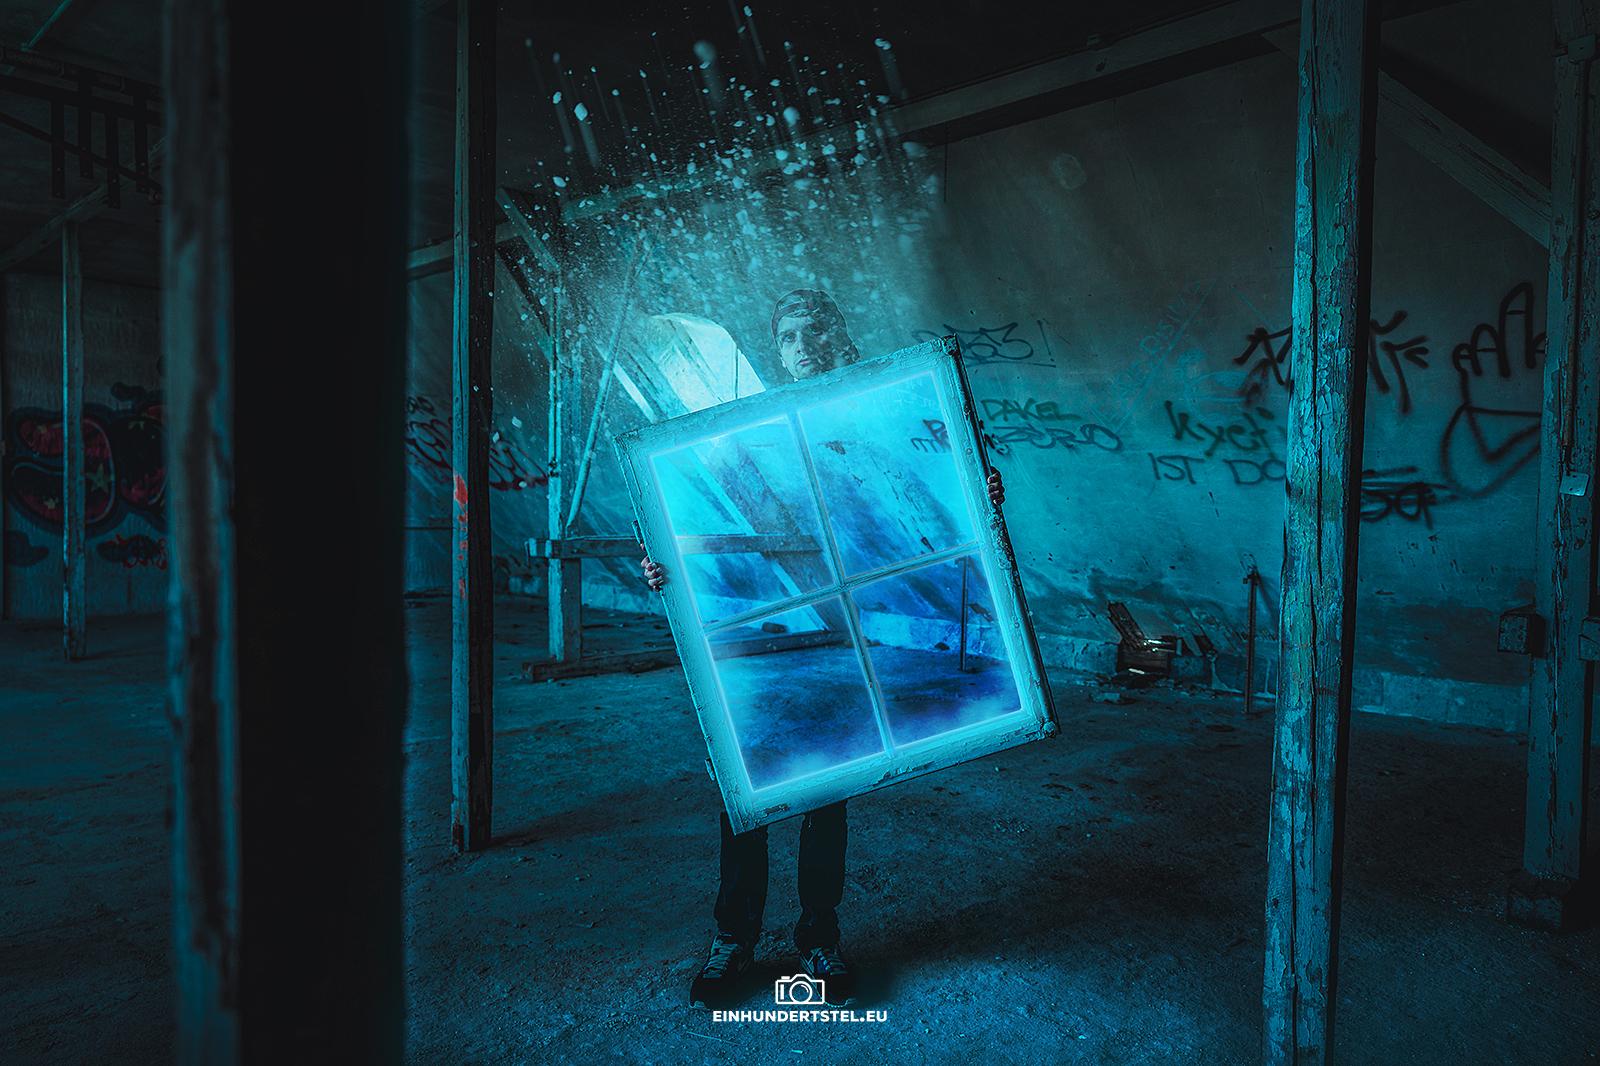 Eine Person steht in einem verlassenen Haus. Sie trägt einen Fensterrahmen, der ein magisches blaues Portal zu schein seint. Das Portal scheint die Person dahinter durchsichtig zu machen. Aus dem Portal strömen unzählige blaue Partikel heraus in die Luft.